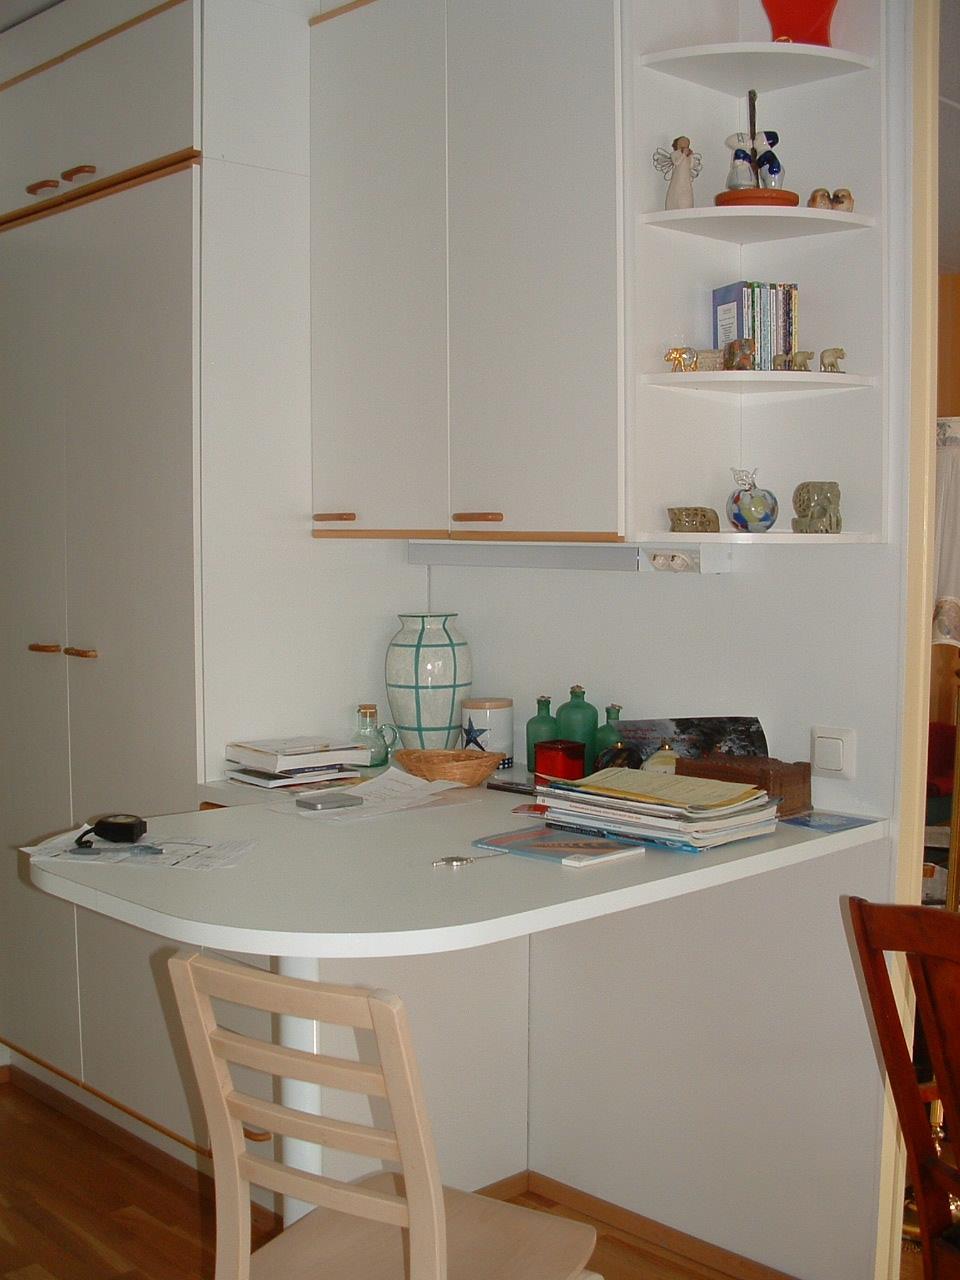 Terhin keittiössä  ruokablogi Uusi koti, uusi keittiö  arvonta käynnissä!